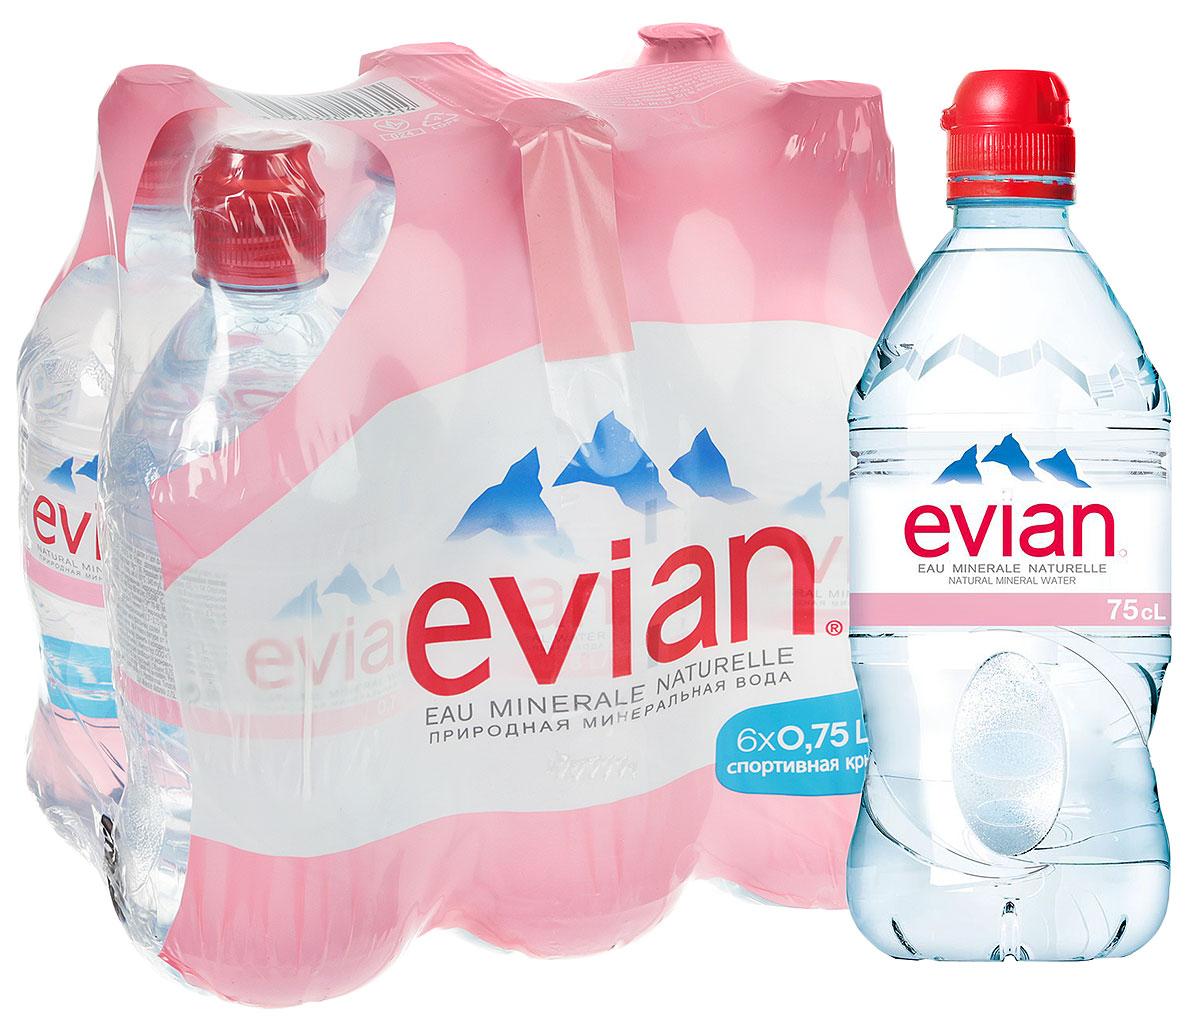 Evian вода минеральная природная столовая негазированная, 6 шт по 0,75 л340016877_блокиEvian - природная минеральная вода. Уникальный минеральный состав природной воды Evian способствует поддержанию водного баланса в организме. Формат 0,75 л с удобной спортивной крышкой идеально подходит для занятий спортом и ситуаций потребления вне дома.О бренде:Источник Evian находится на бережно охраняемой территории, в самом сердце французских Альп. В процессе естественной фильтрации горными породами в течение 15 лет природная минеральная вода Evian приобретает уникальный сбалансированный минеральный состав и, непосредственно у источника, разливается в бутылки.Сколько нужно пить воды: мнение диетолога. Статья OZON Гид